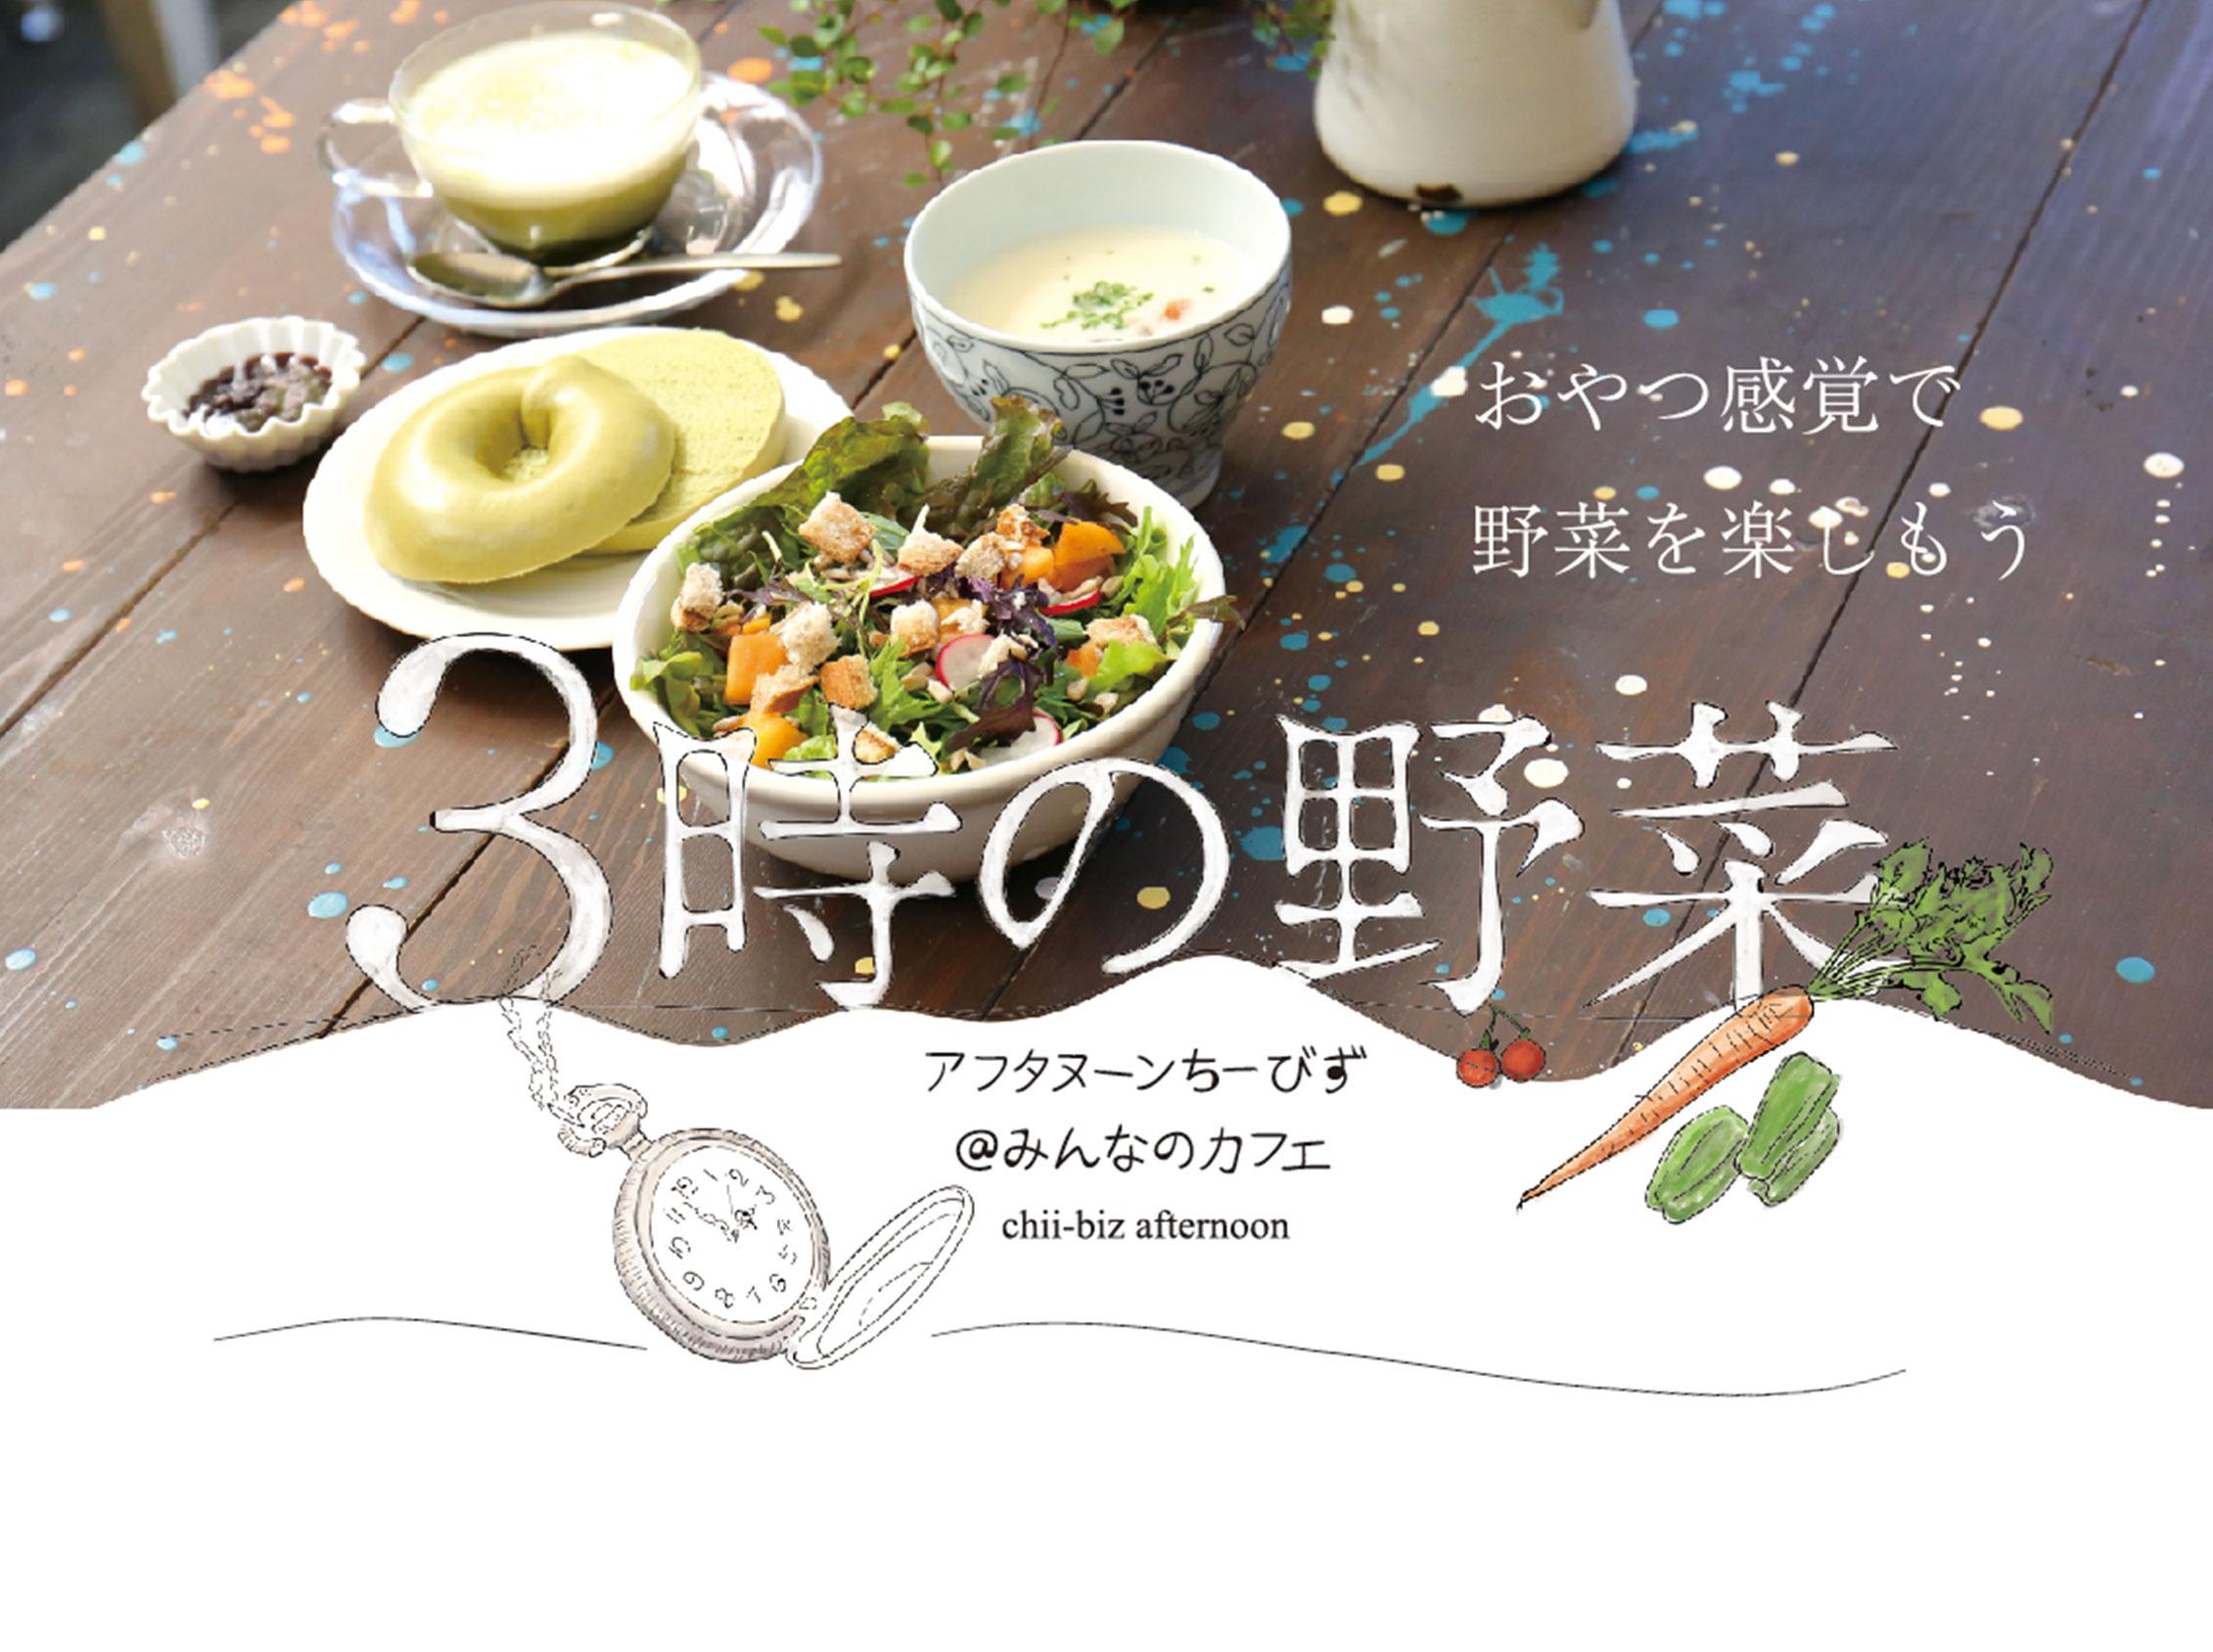 野菜に関するマルシェのチラシ